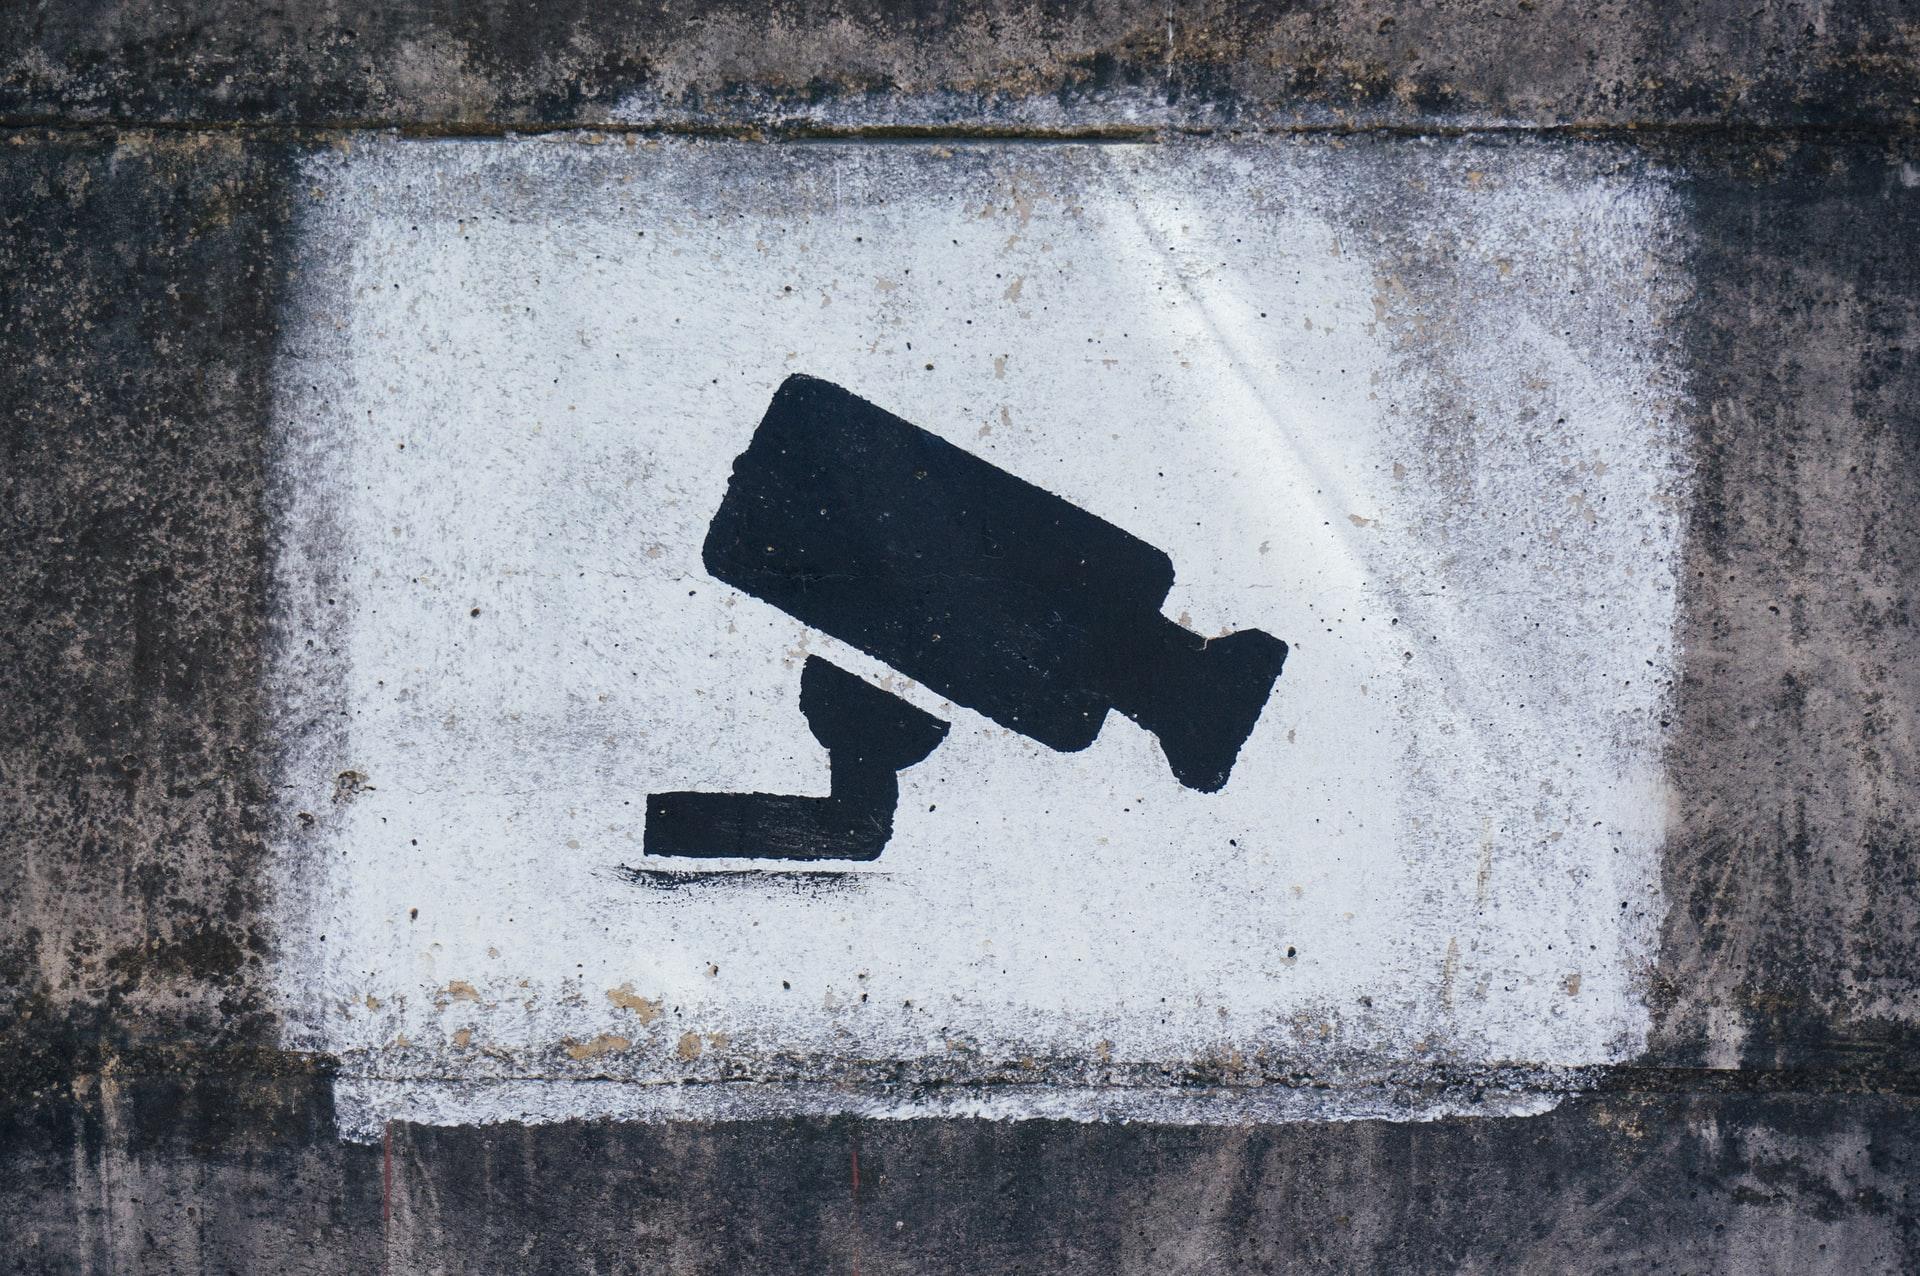 Ueberwachungskamera Graffiti